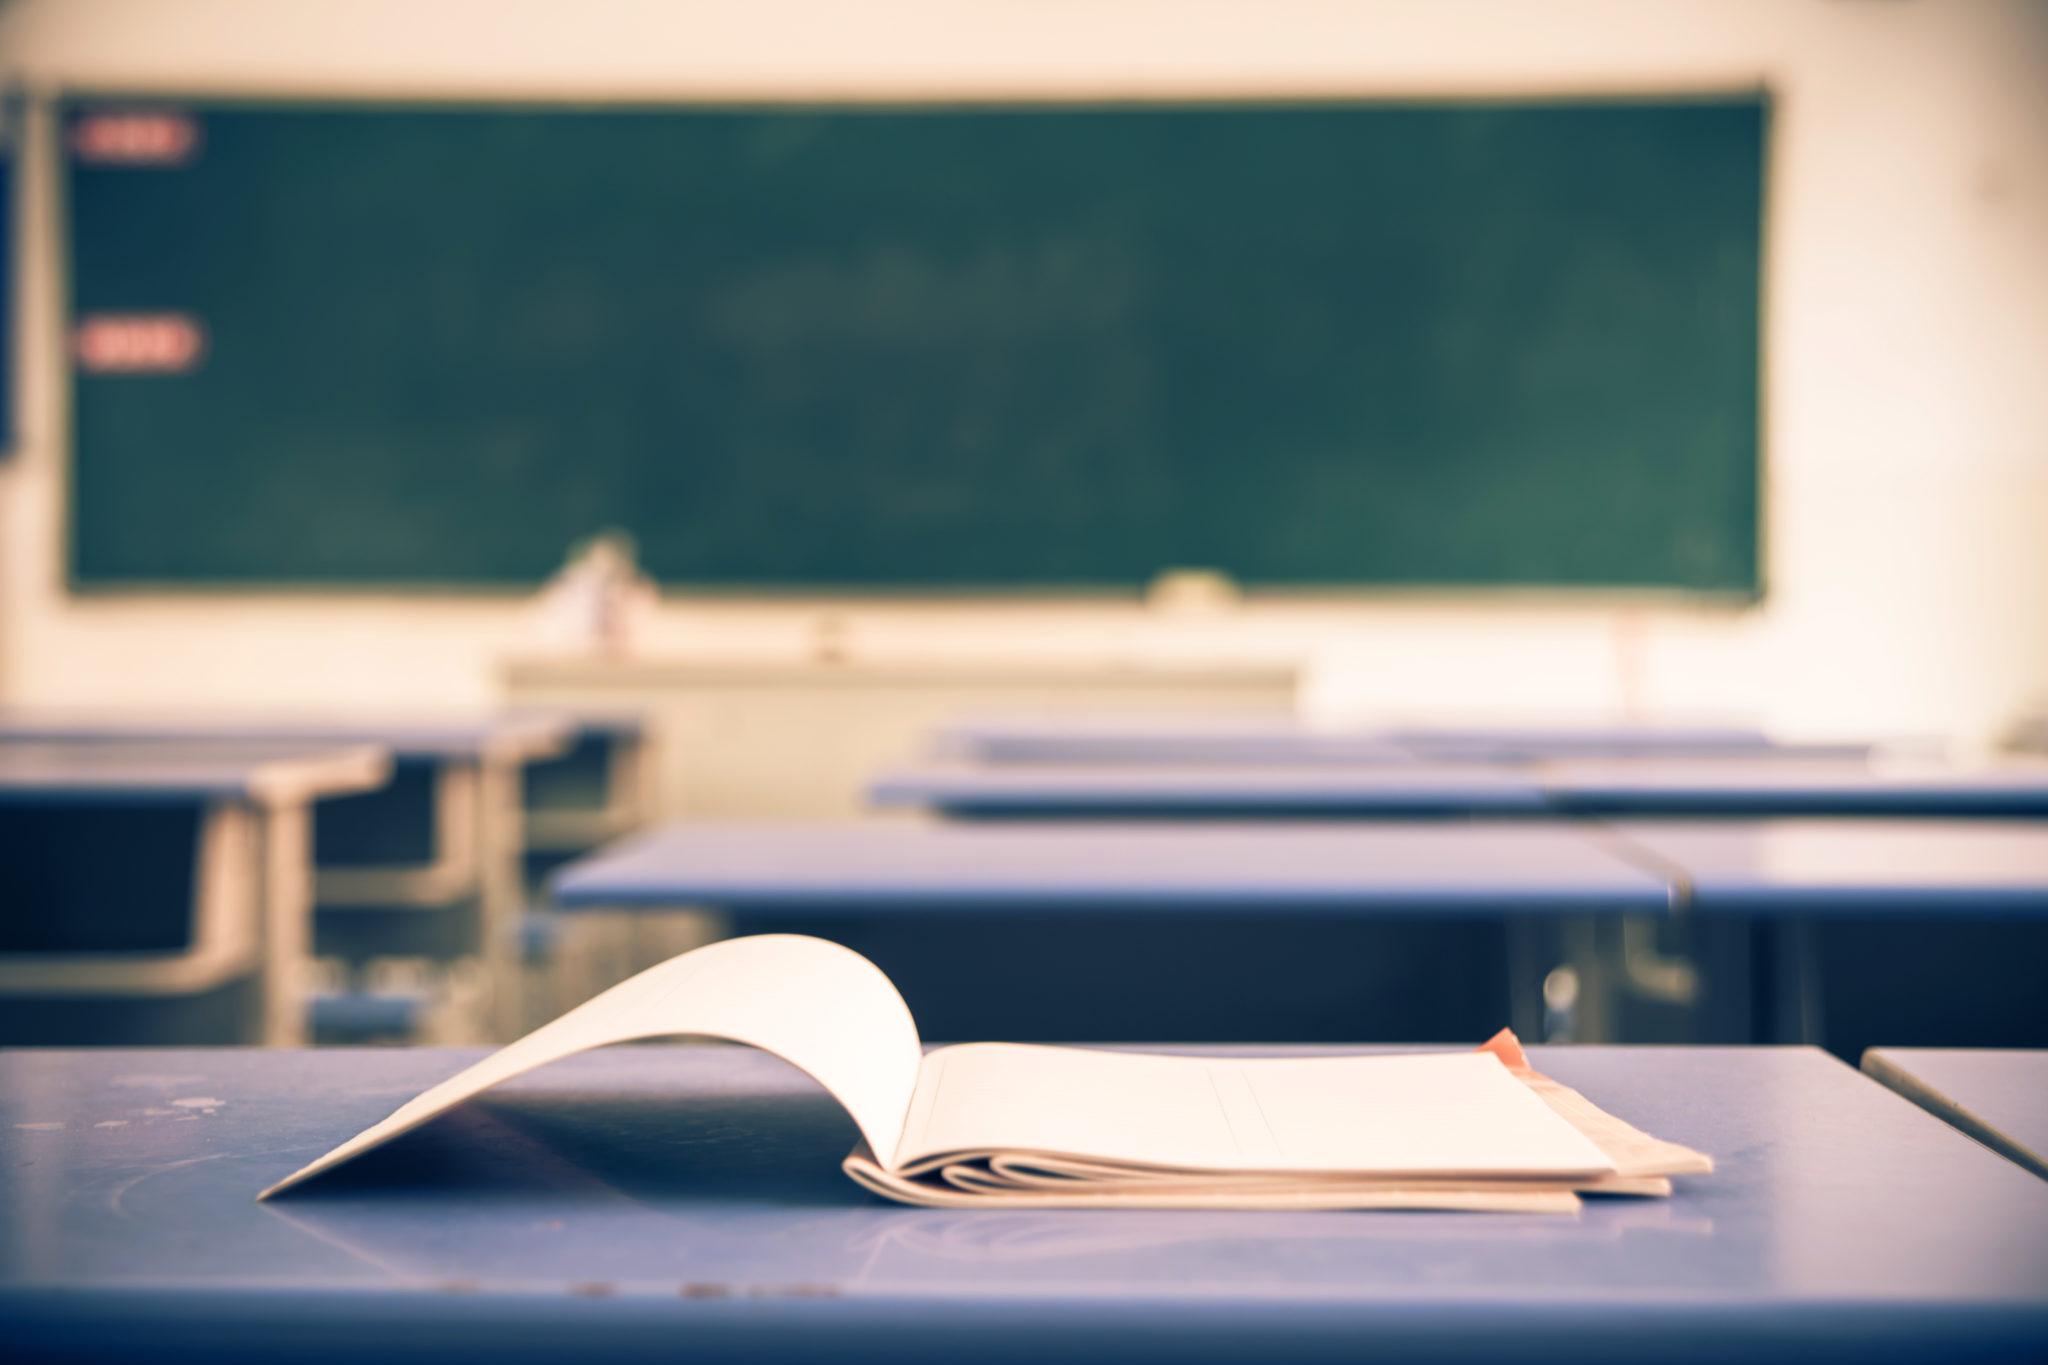 Trabajo de Profesor, Currículum de Profesor, Carta de presentación de Profesor, Ejemplos de Cartas de Presentación de Profesor - CVExpres